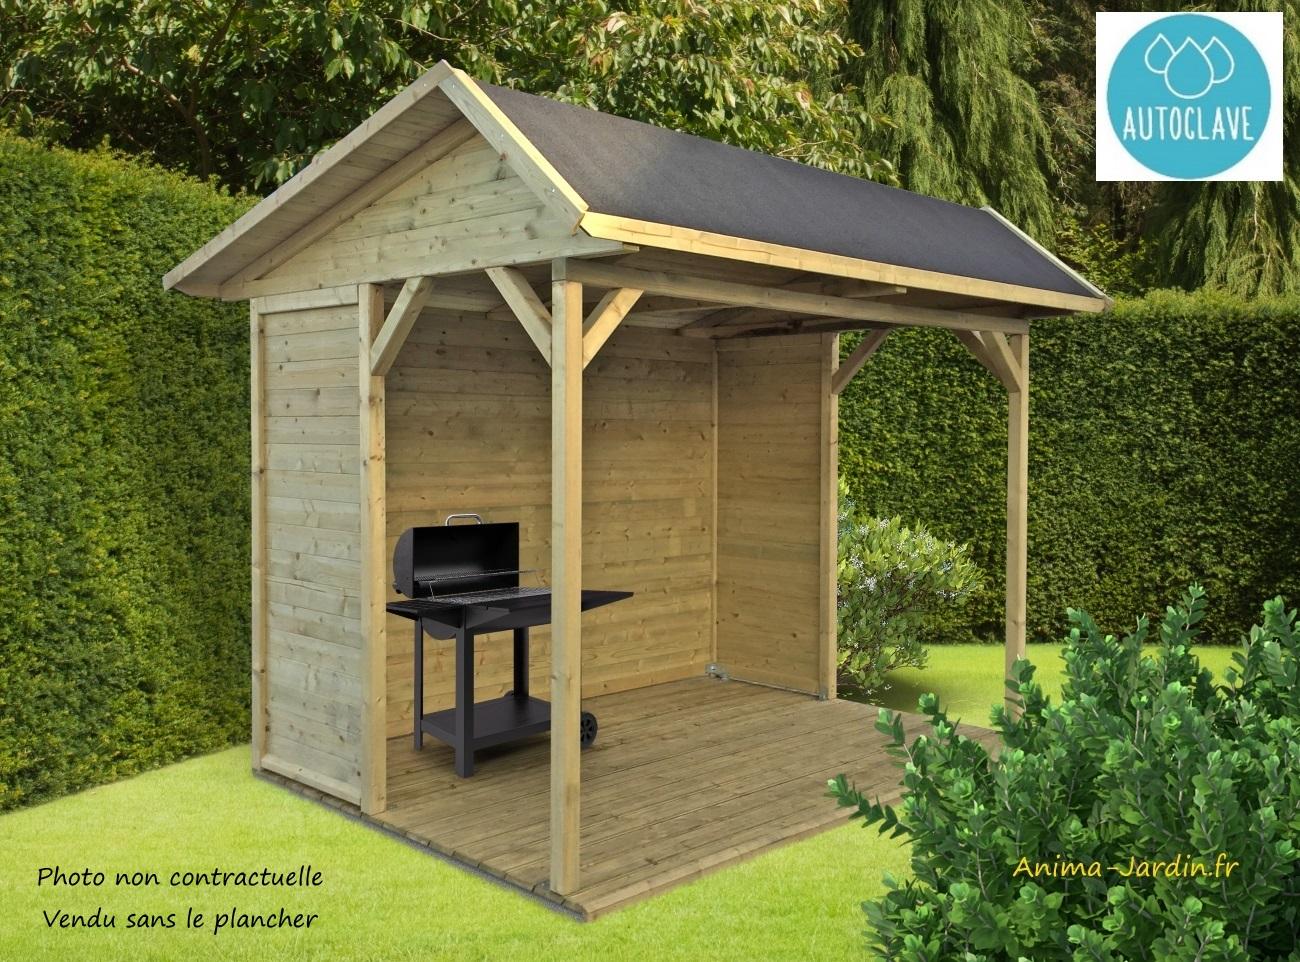 Grande Pergola Pas Cher pavillon de jardin en bois autoclave 19mm, ronsburg, 5m²